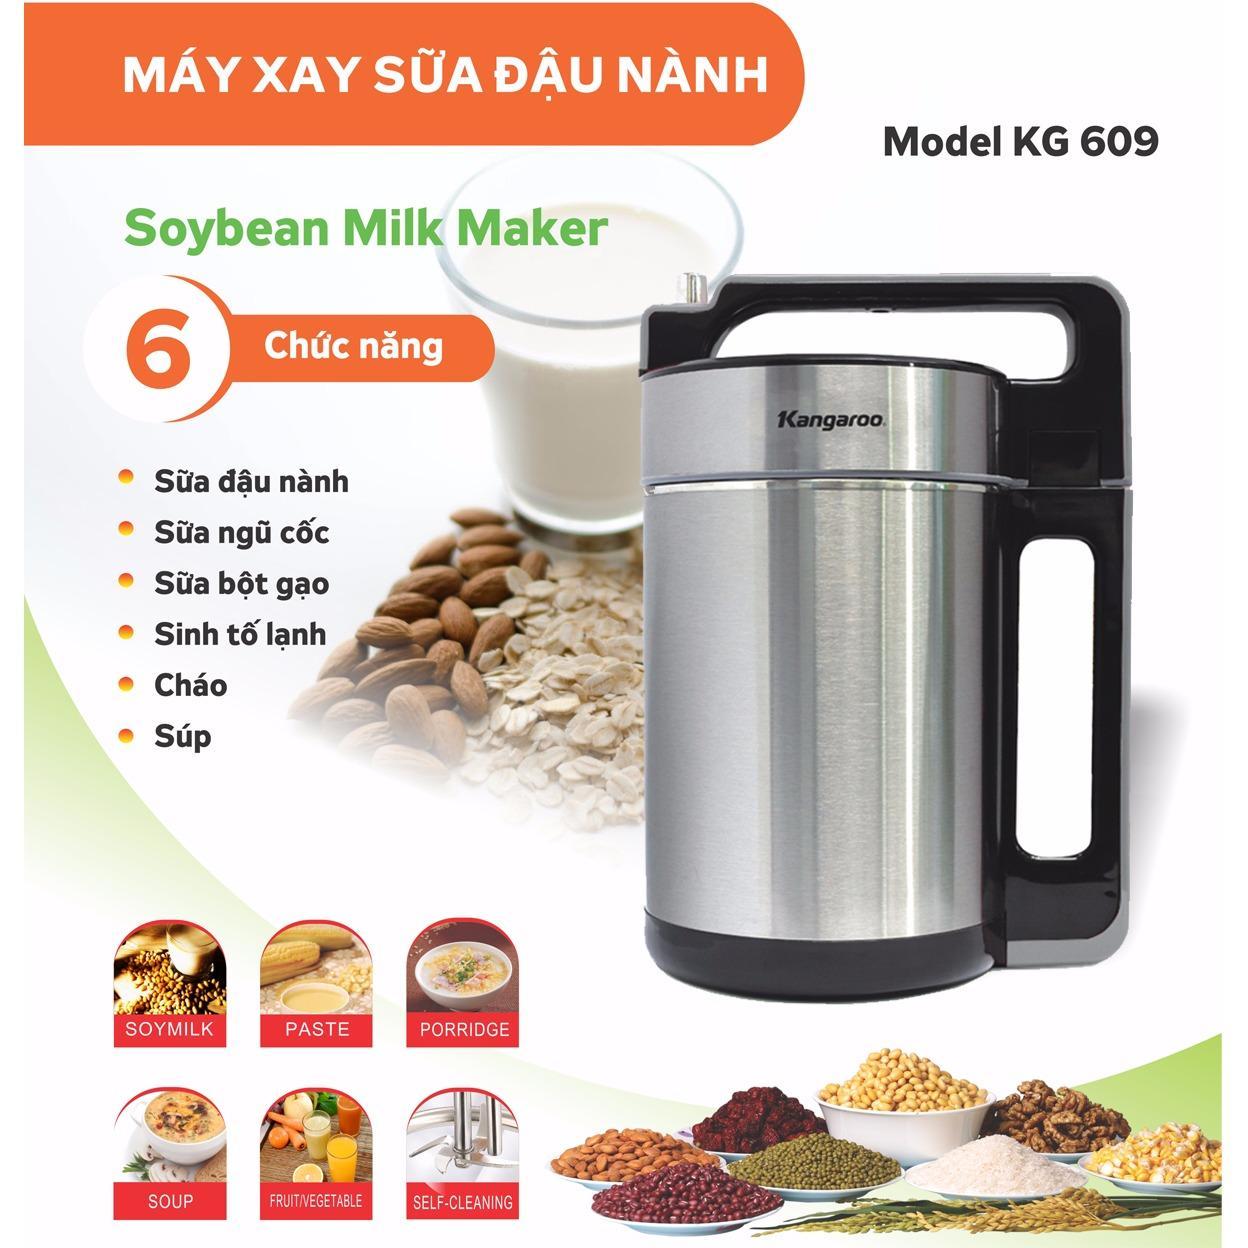 Mua May Xay Sữa Đậu Nanh Kangaroo Kg609 Trong Vietnam